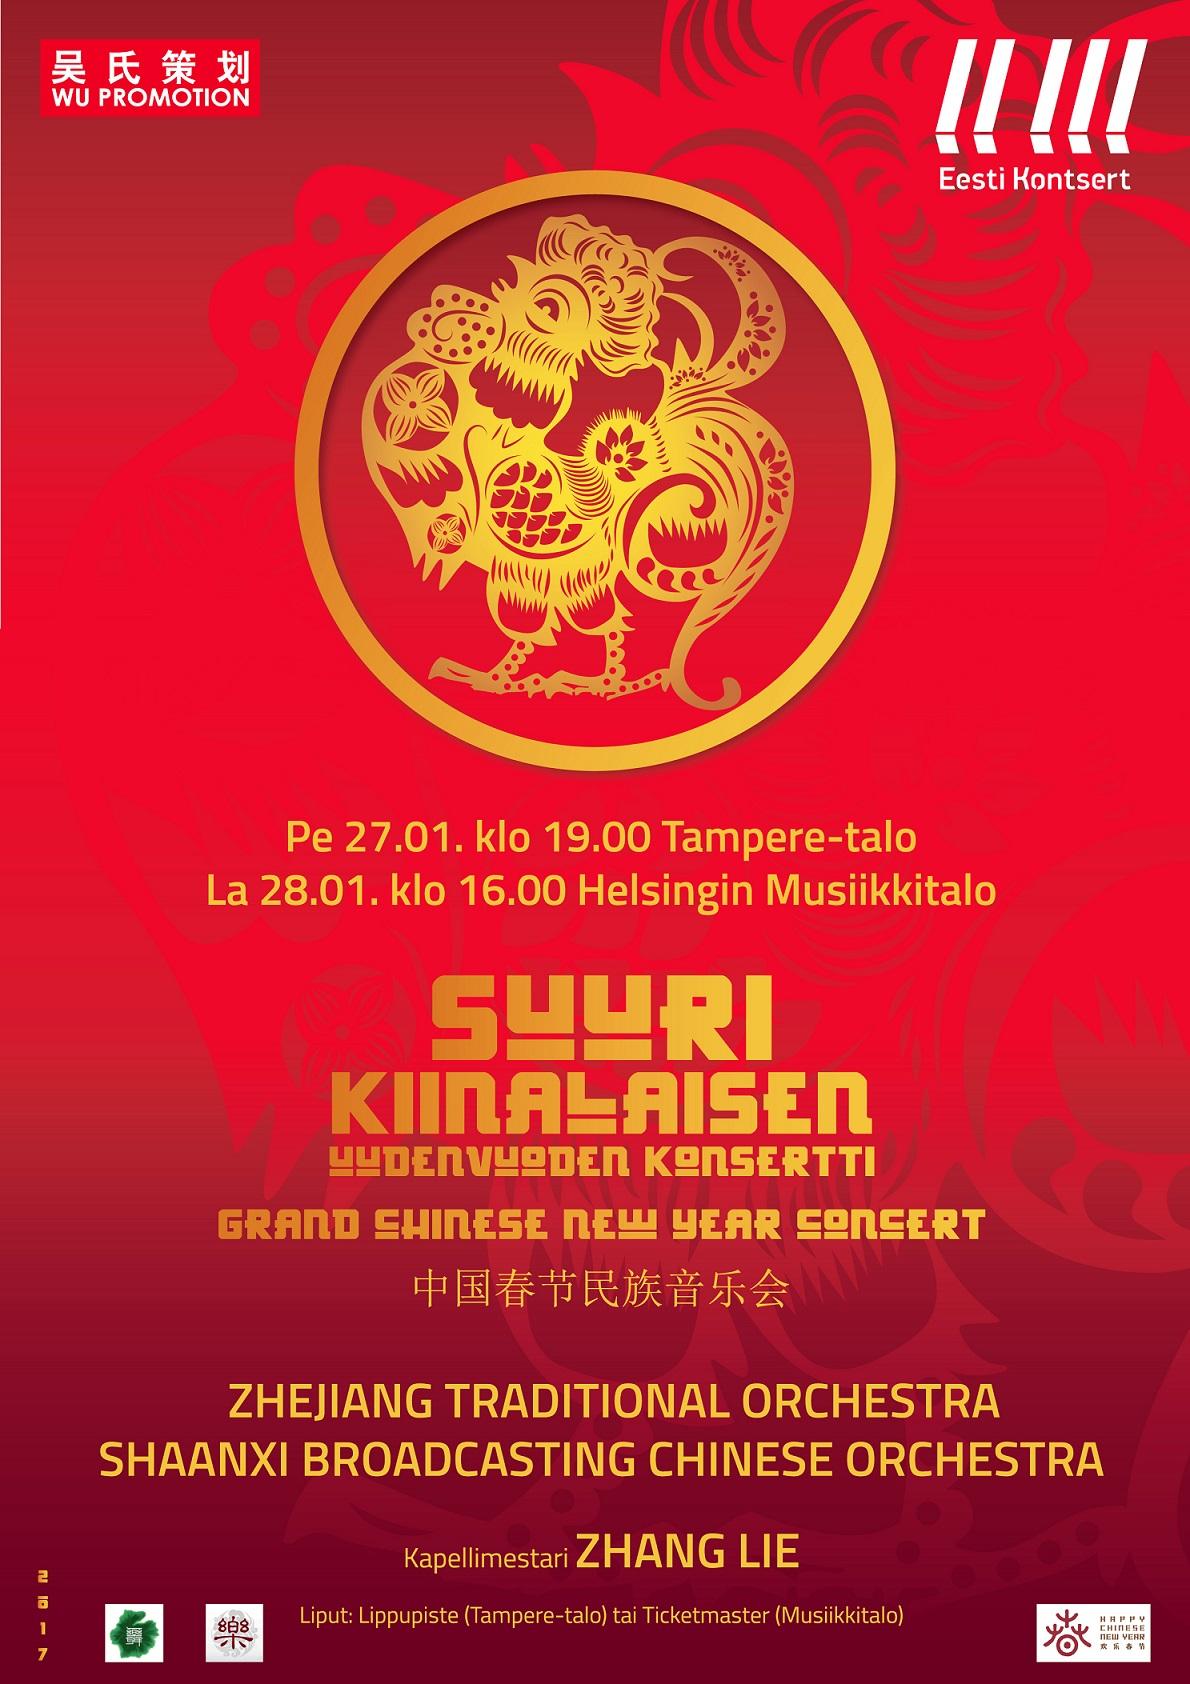 Kiinalaisen uudenvuoden konsertti